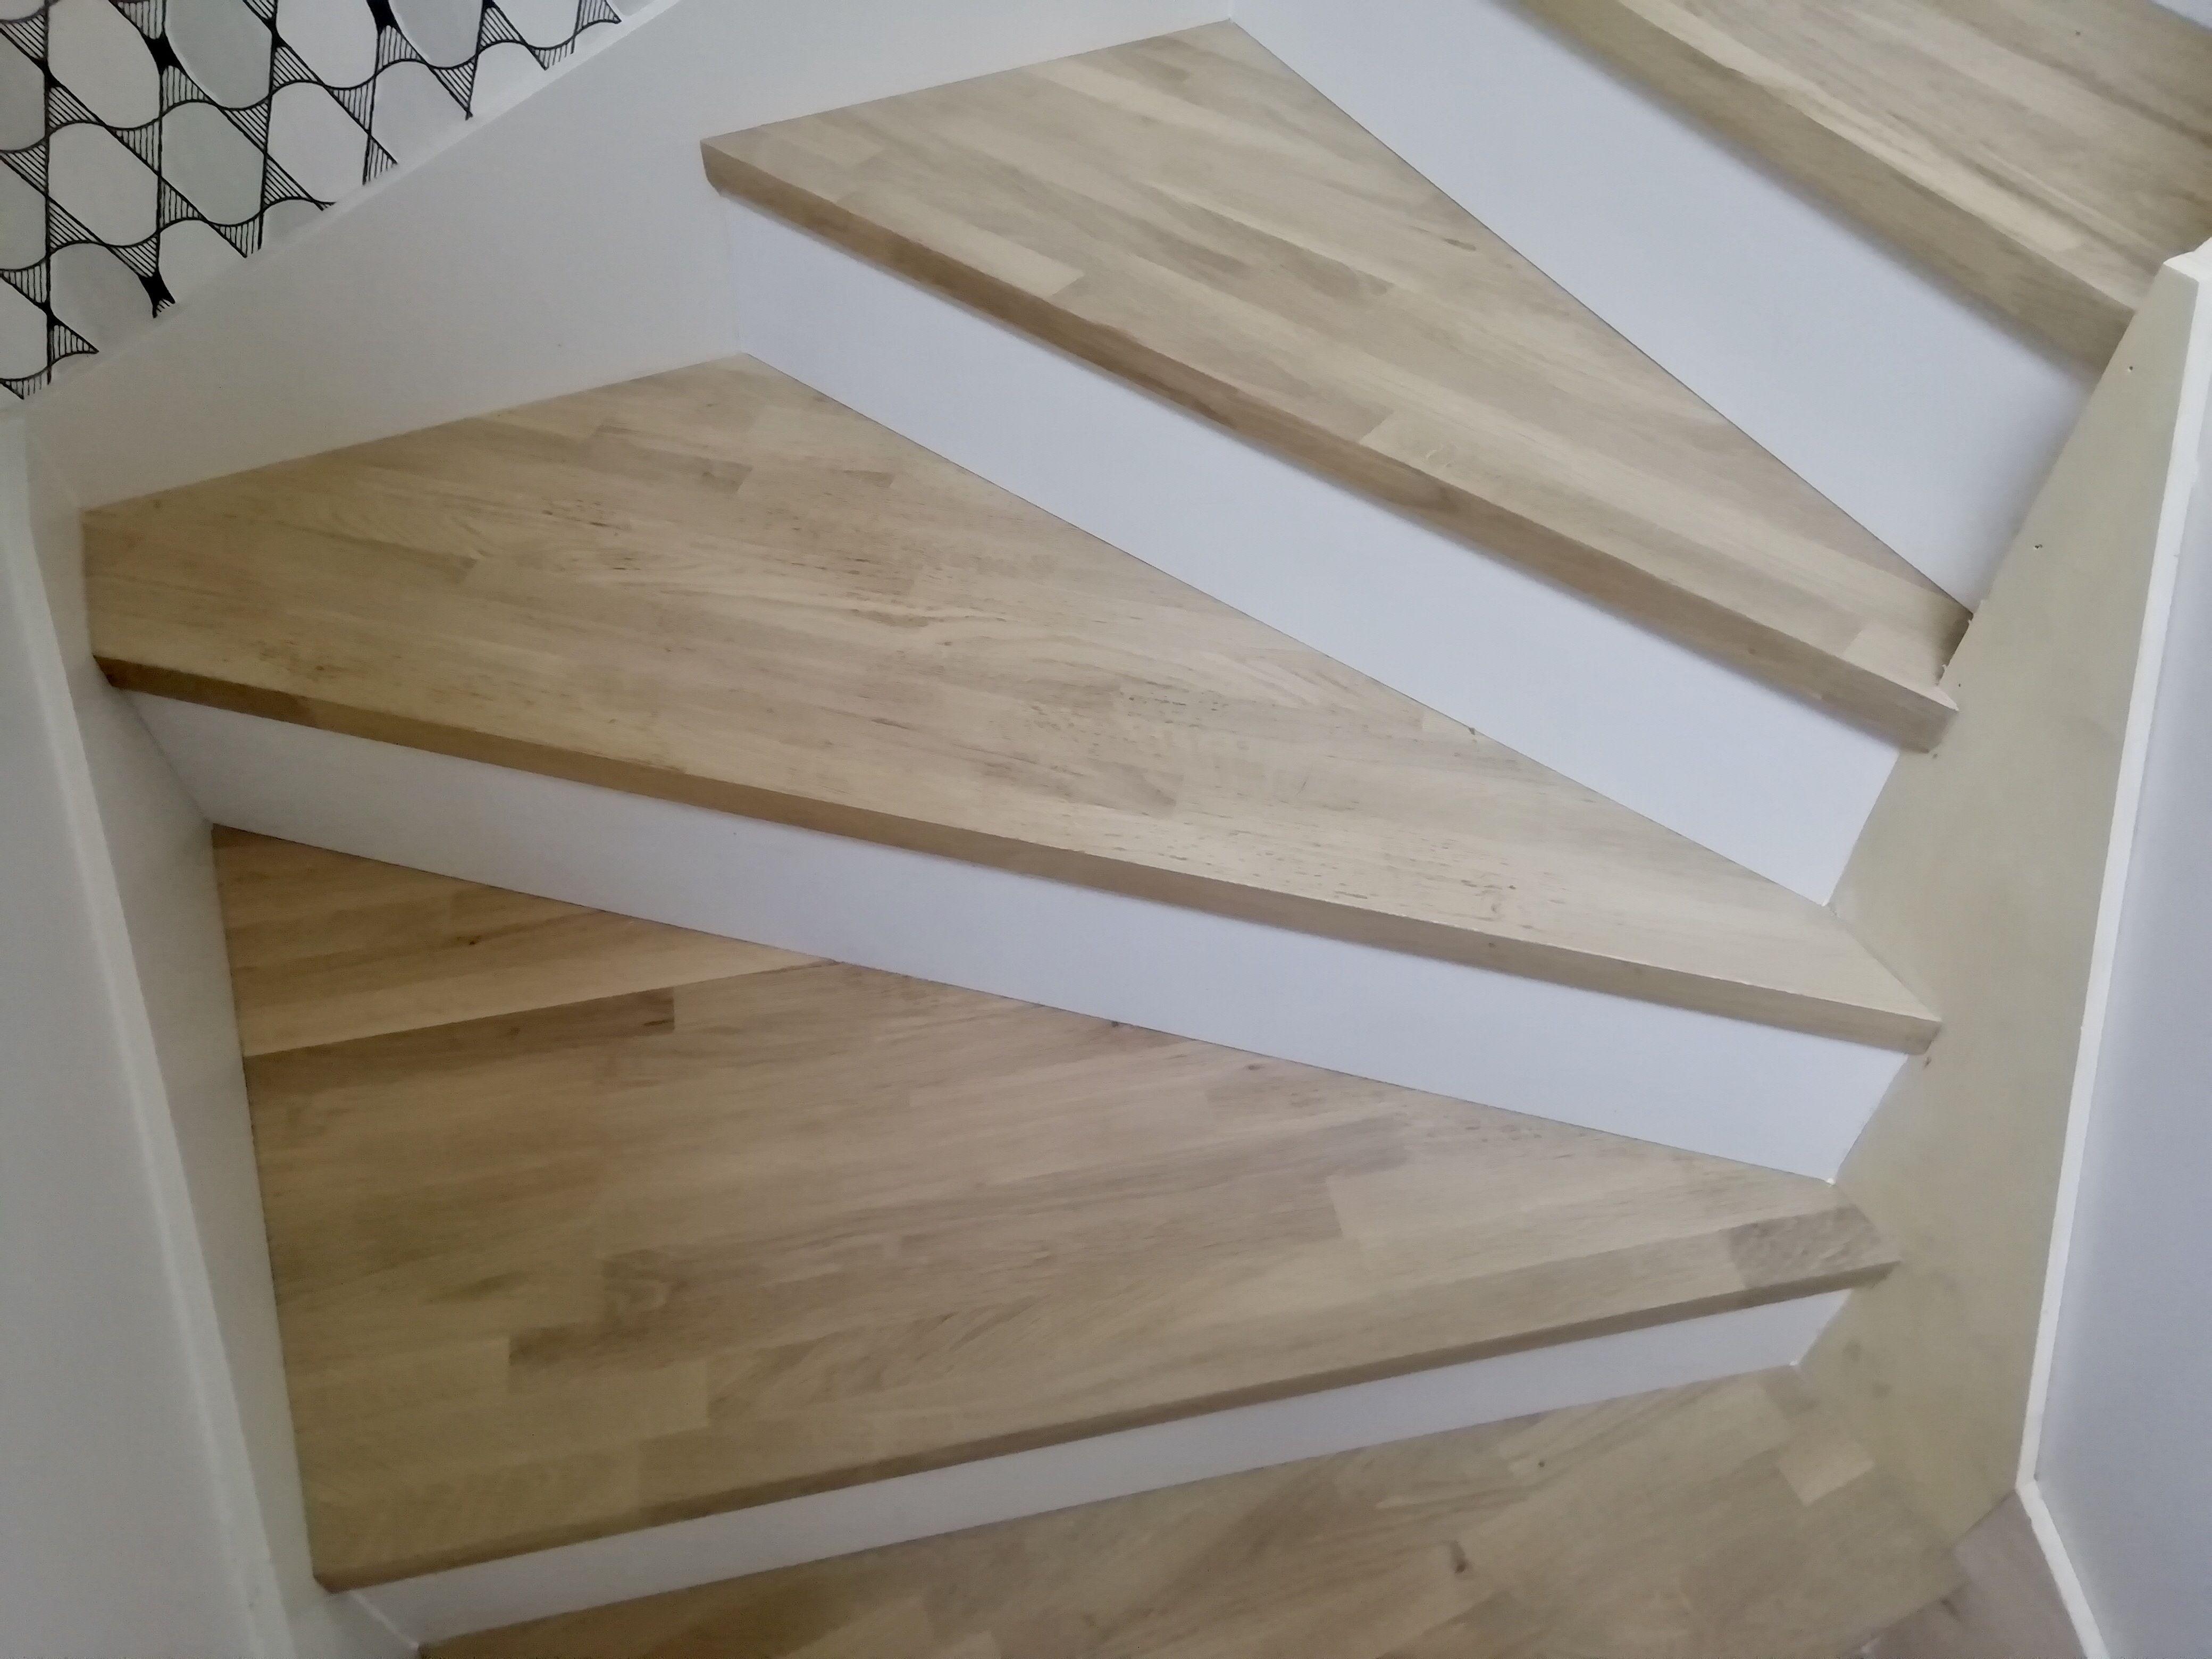 Habillage D Un Escalier Bois Avec Des Plateaux Massif Chene Lamelle Colle Recouvert D Un Fond D Escalier Bois Idee Deco Entree Maison Habillage Marche Escalier